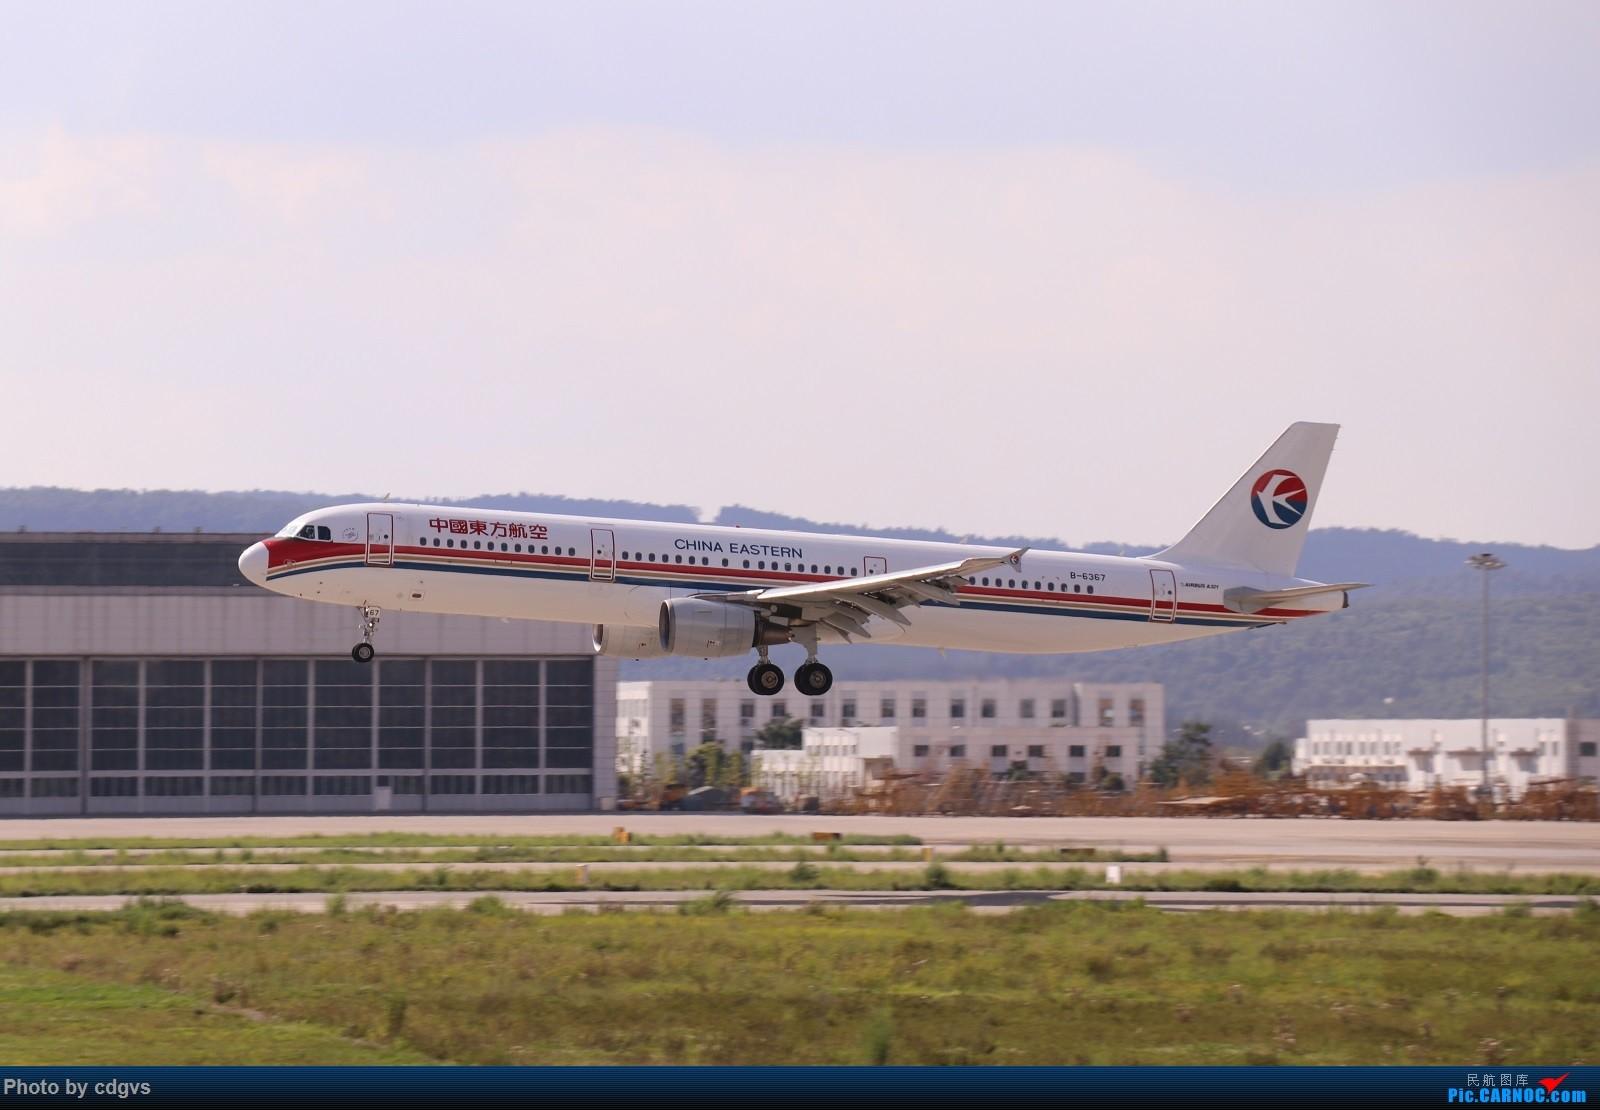 Re:[原创]【KMG】昆明的一天 1600大图 一次看个爽 AIRBUS A321-200 B-6367 中国昆明长水国际机场